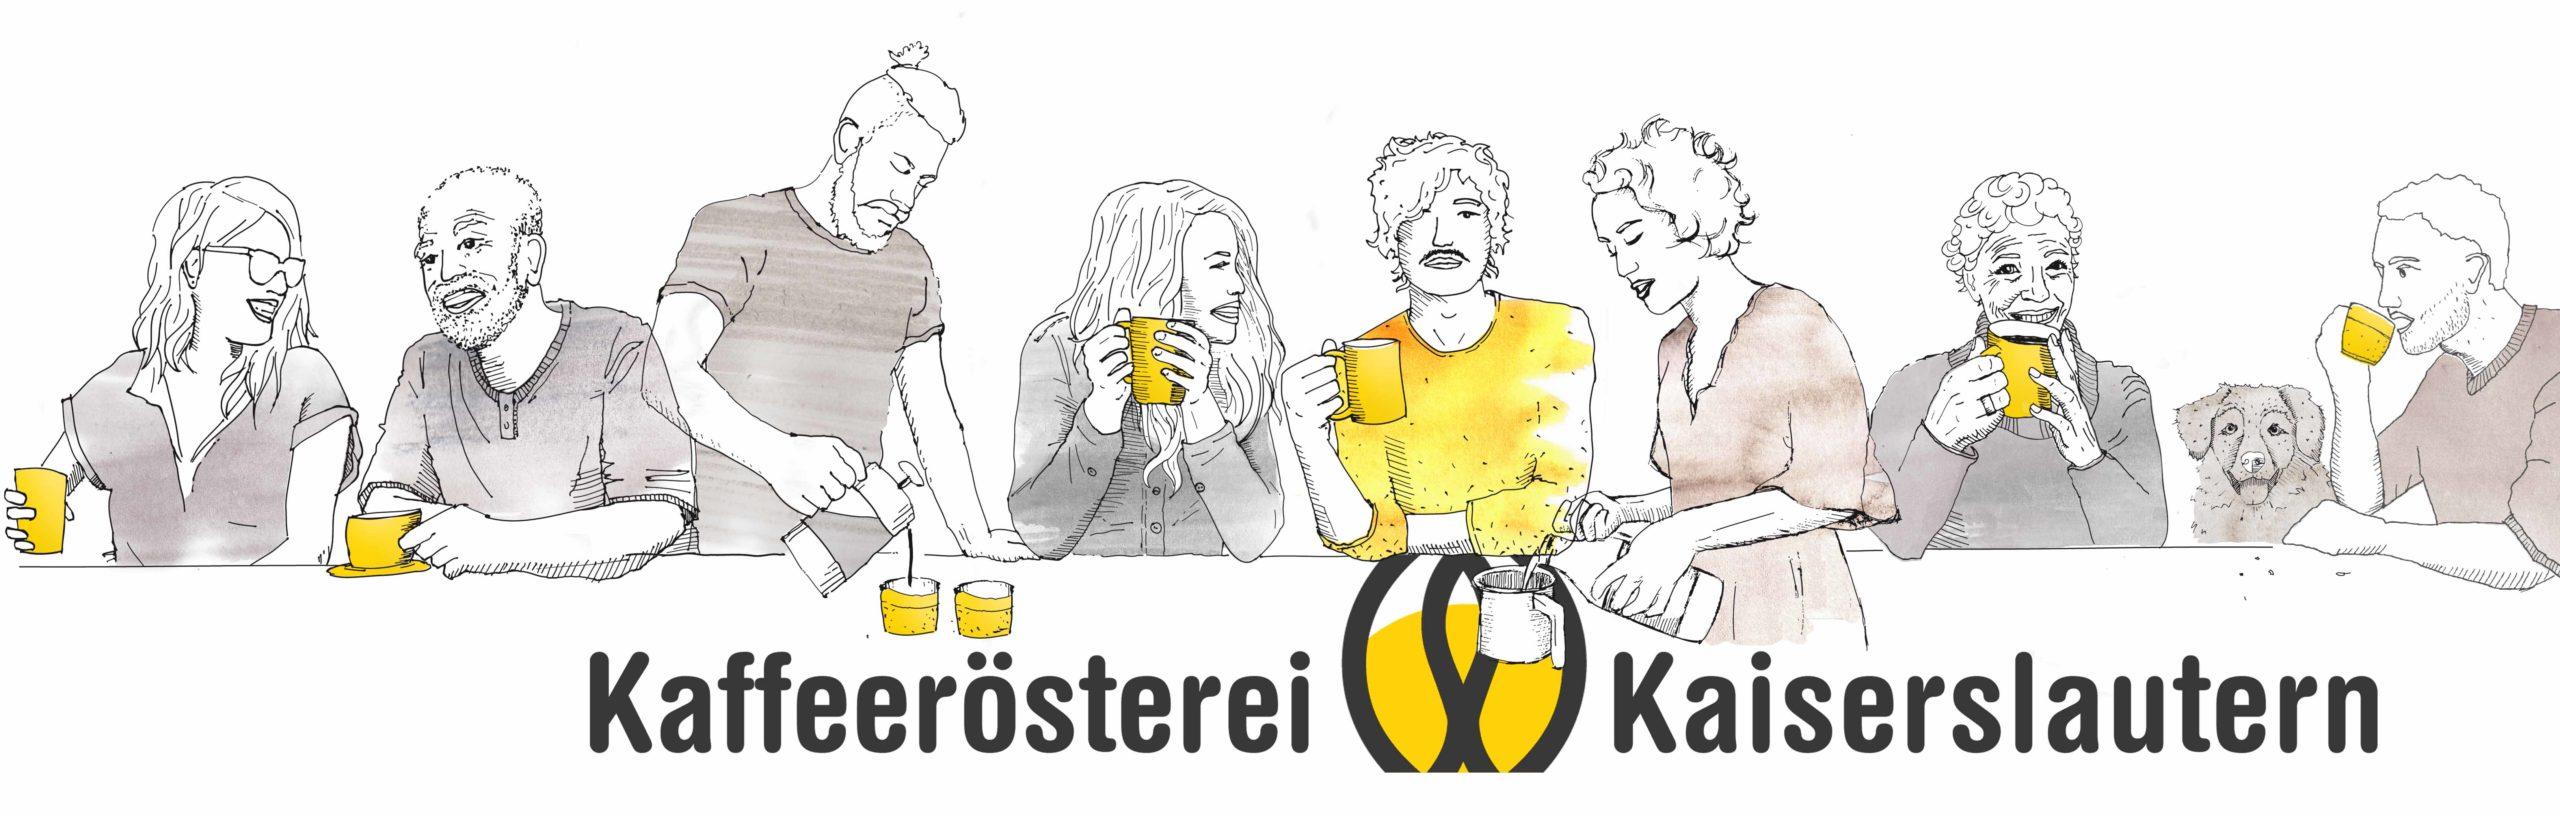 Kaffee online kaufen - Kaffeerösterei Kaiserslautern